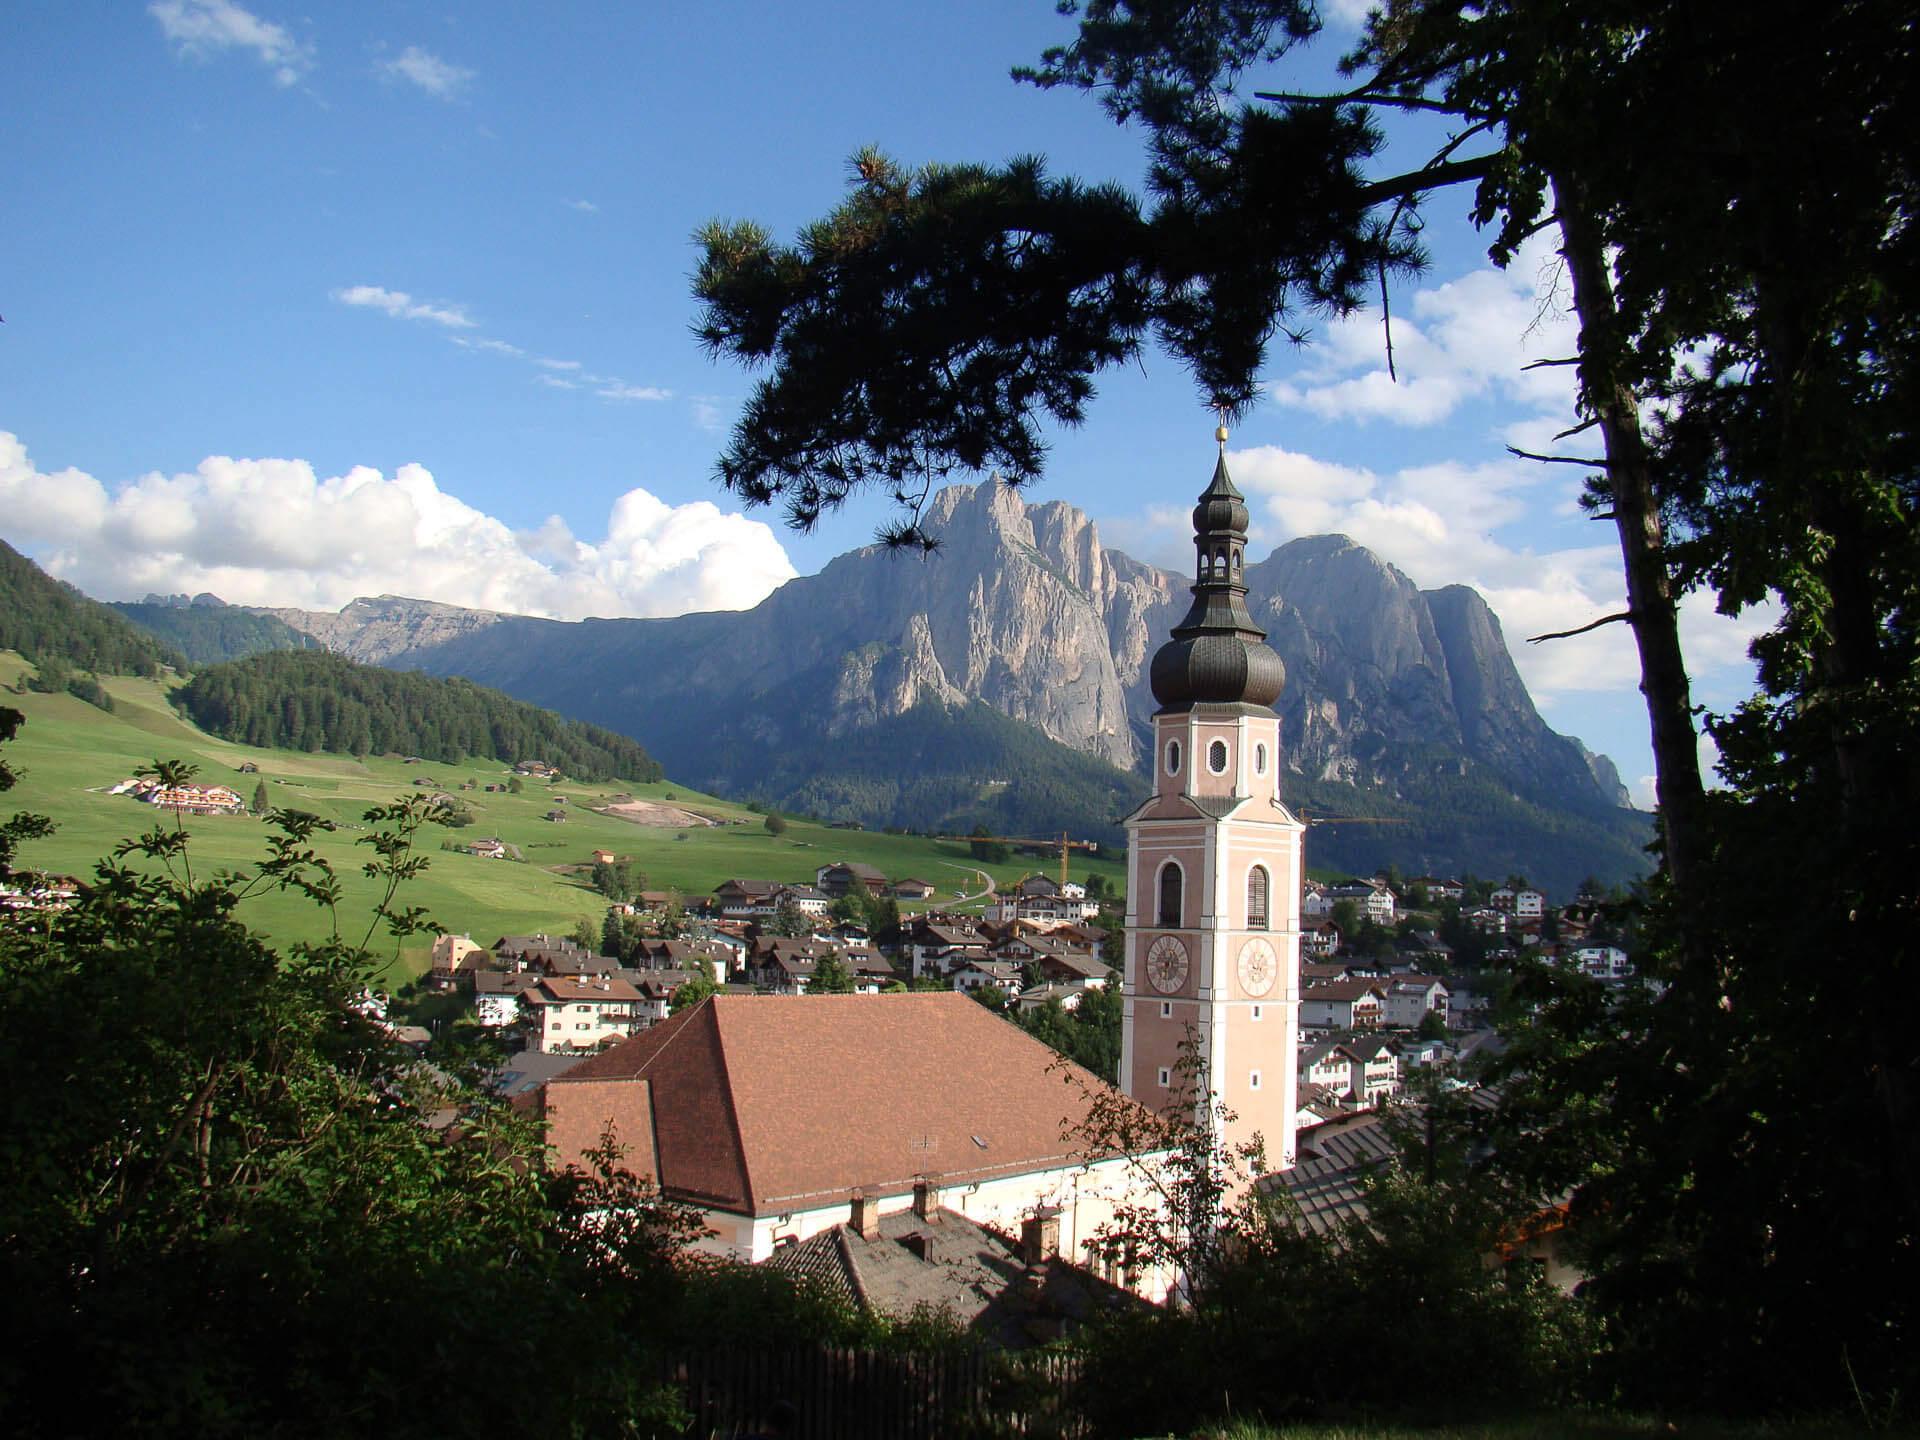 Ferien in Kastelruth - inmitten der einzigartigen Dolomiten